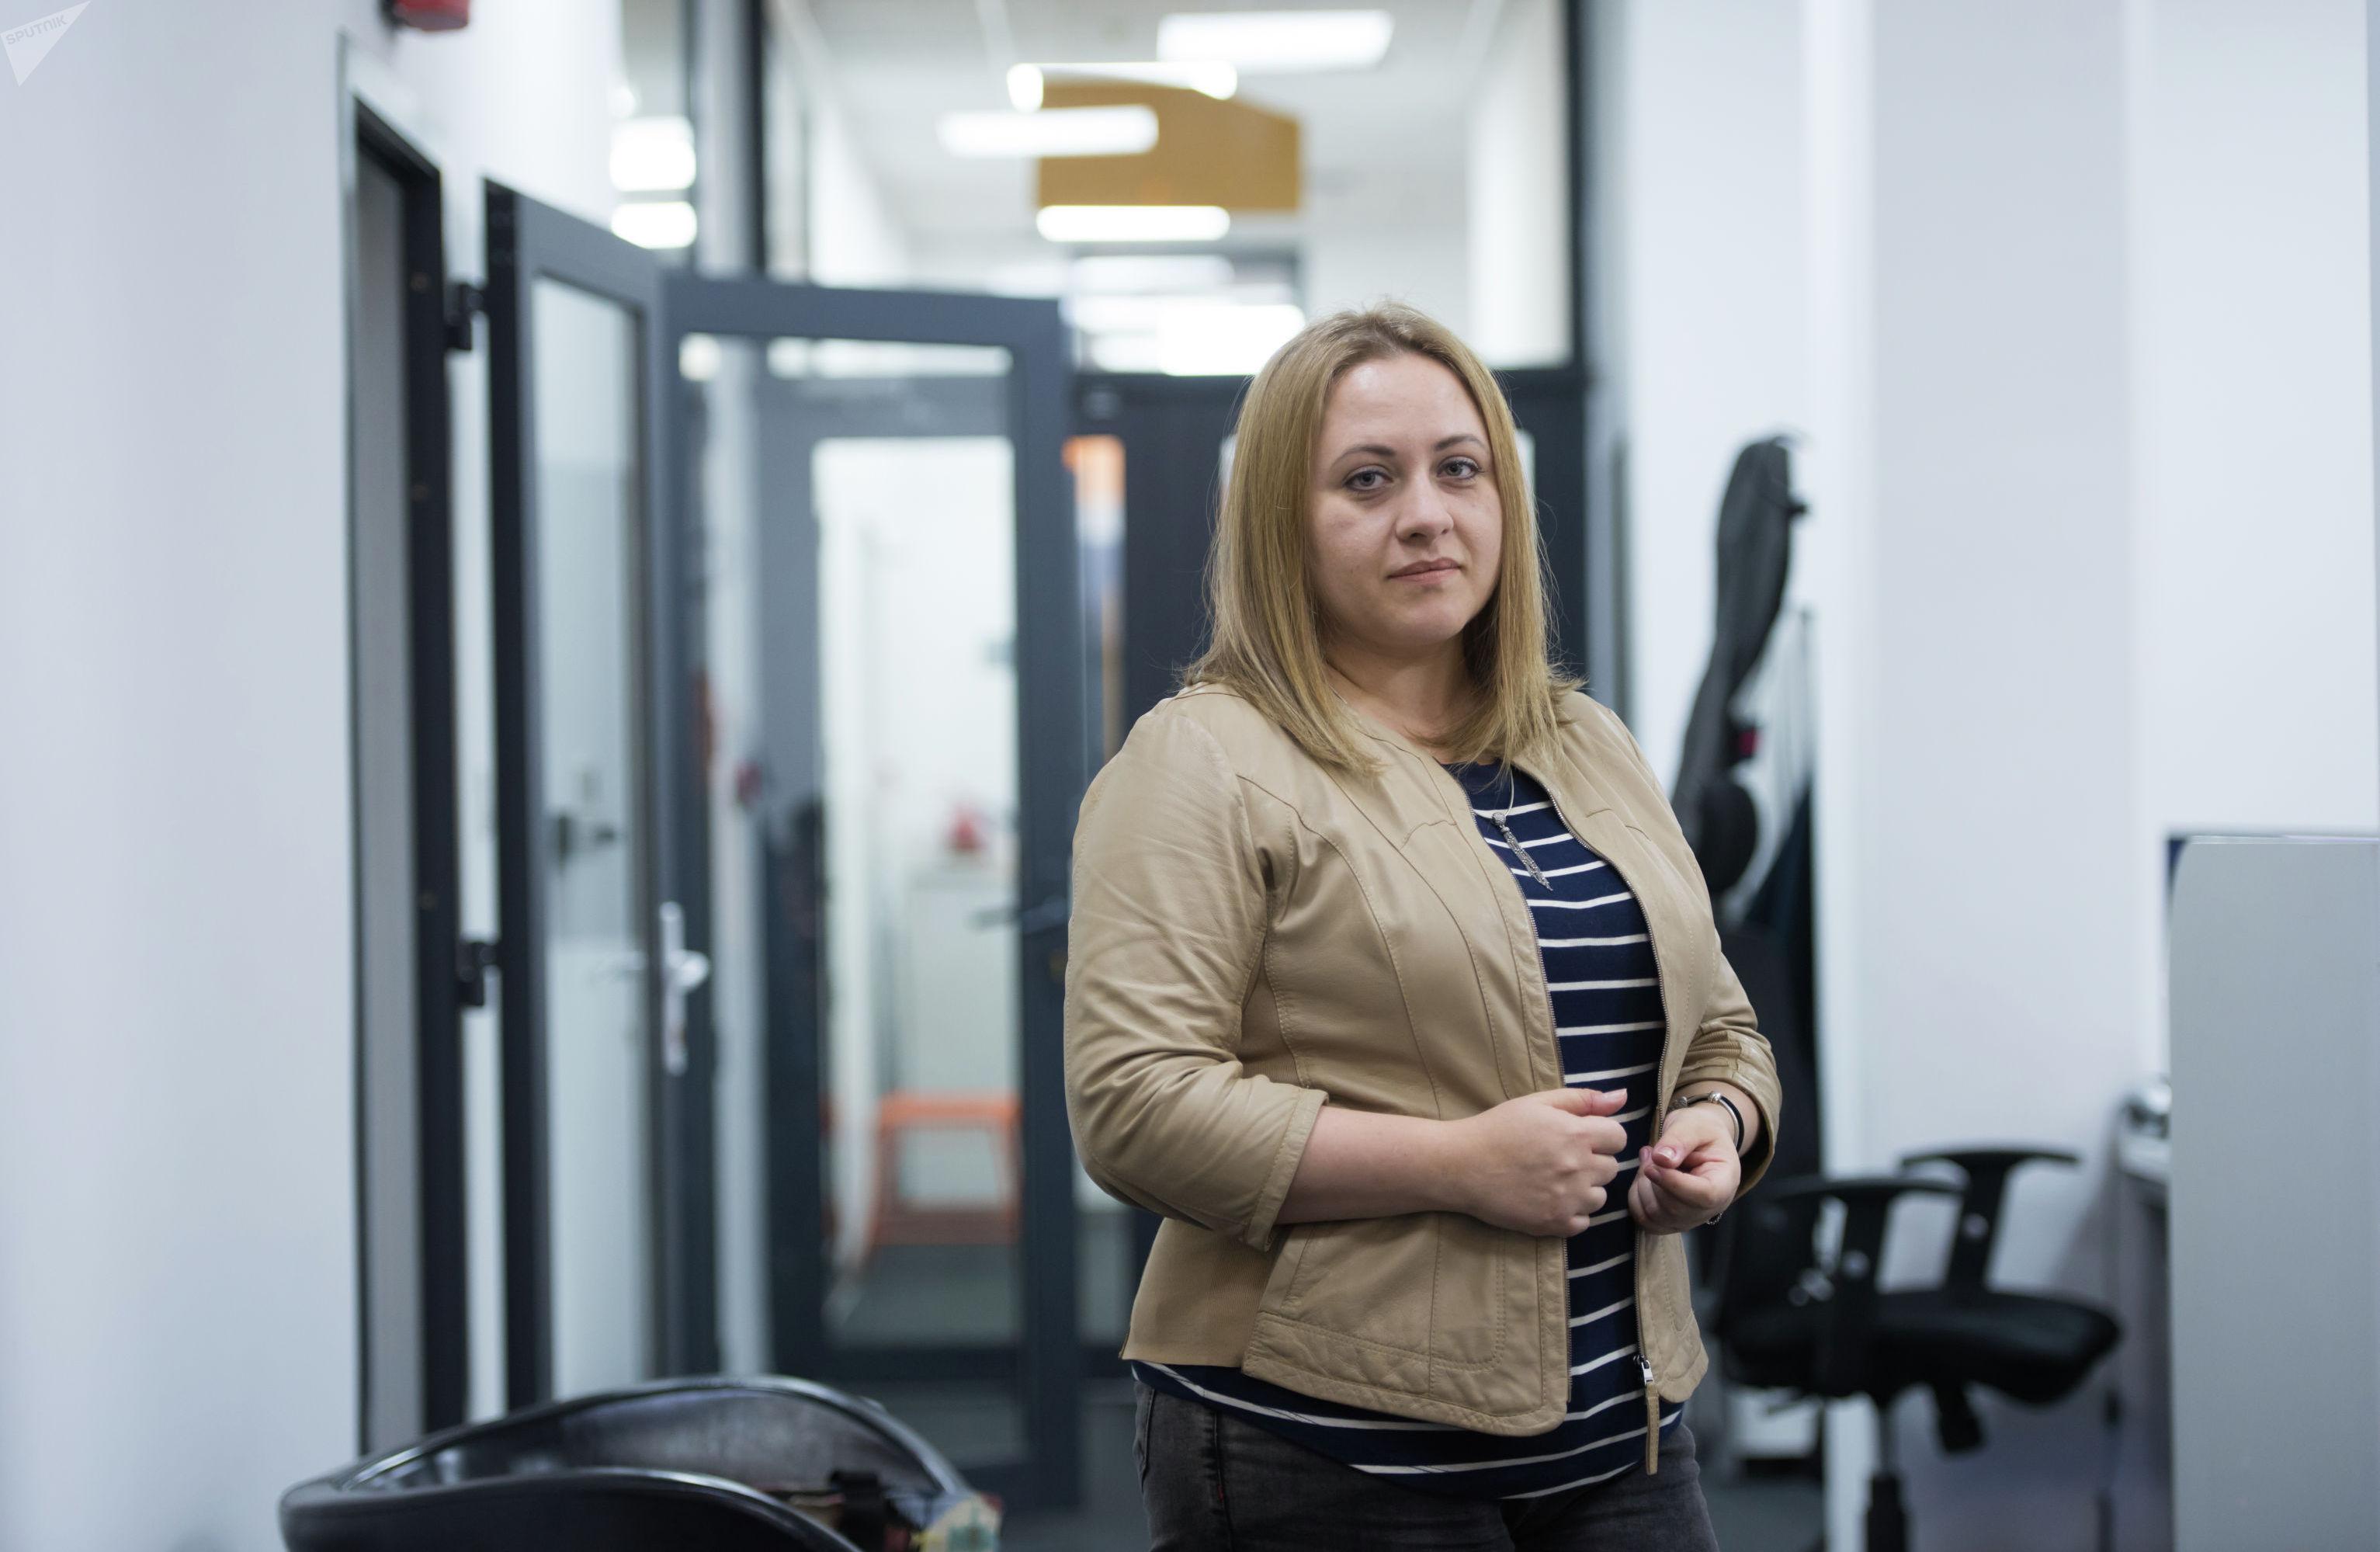 Консультант по влиянию и противодействию социально-психологическому манипулированию Юлия Денисенко